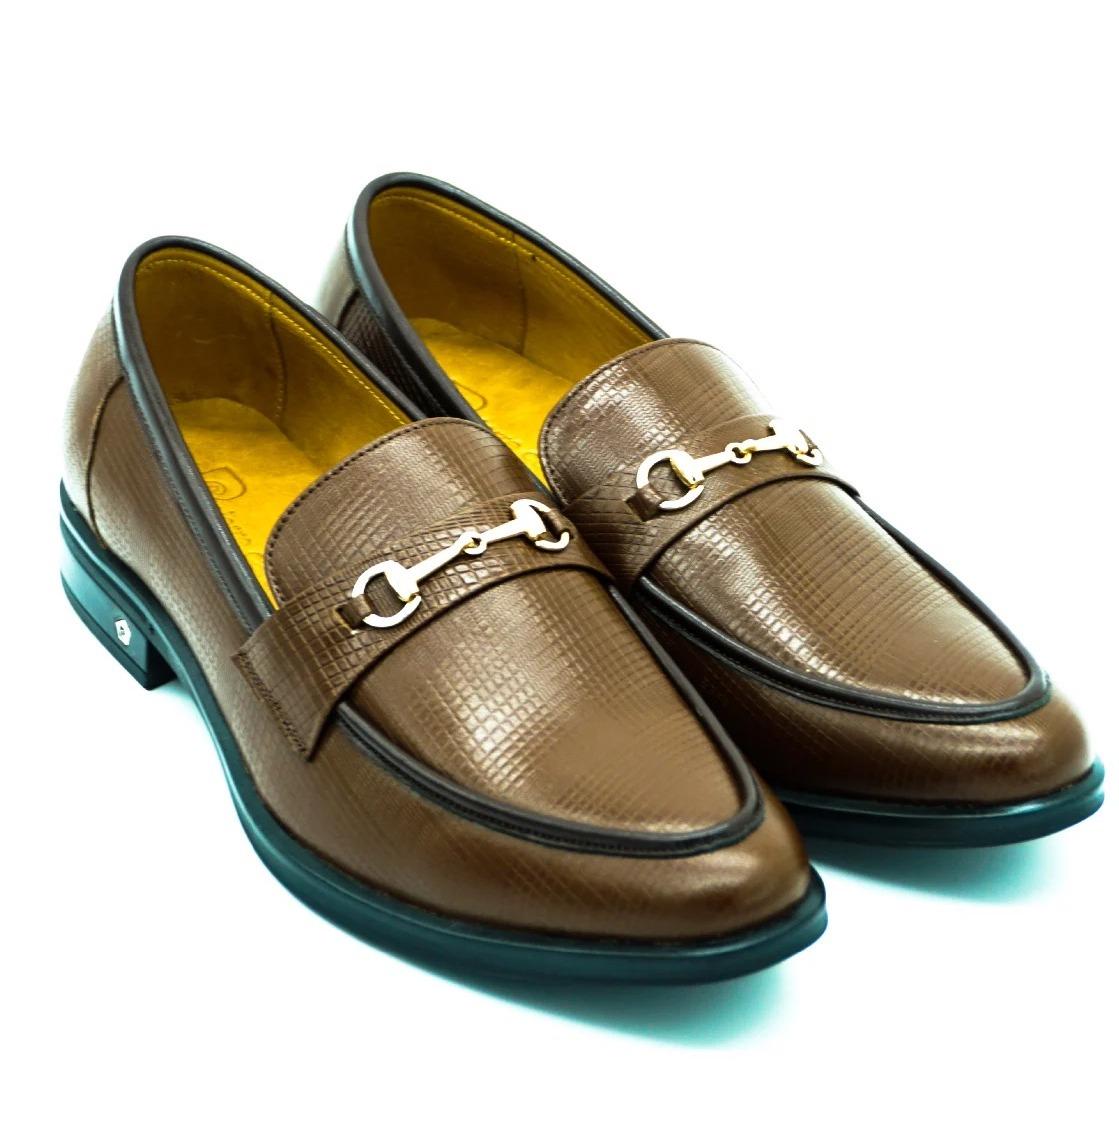 Giày da nam Pierre Cardin PCMFWLE700BRW màu nâu có giá giảm 50% chỉ còn 1,495 triệu đồng (giá gốc 2,99 triệu đồng). Giày màu nâu thanh lịch, có điểm nhấn là phần khóa trên mặt giày. Đế cao su chống trượt, cao 2-2,5 cm kèm logo thương hiệu bằng kim loại. Mặt trong lẫn mặt ngoài đều làm bằng da bò thật êm ái.